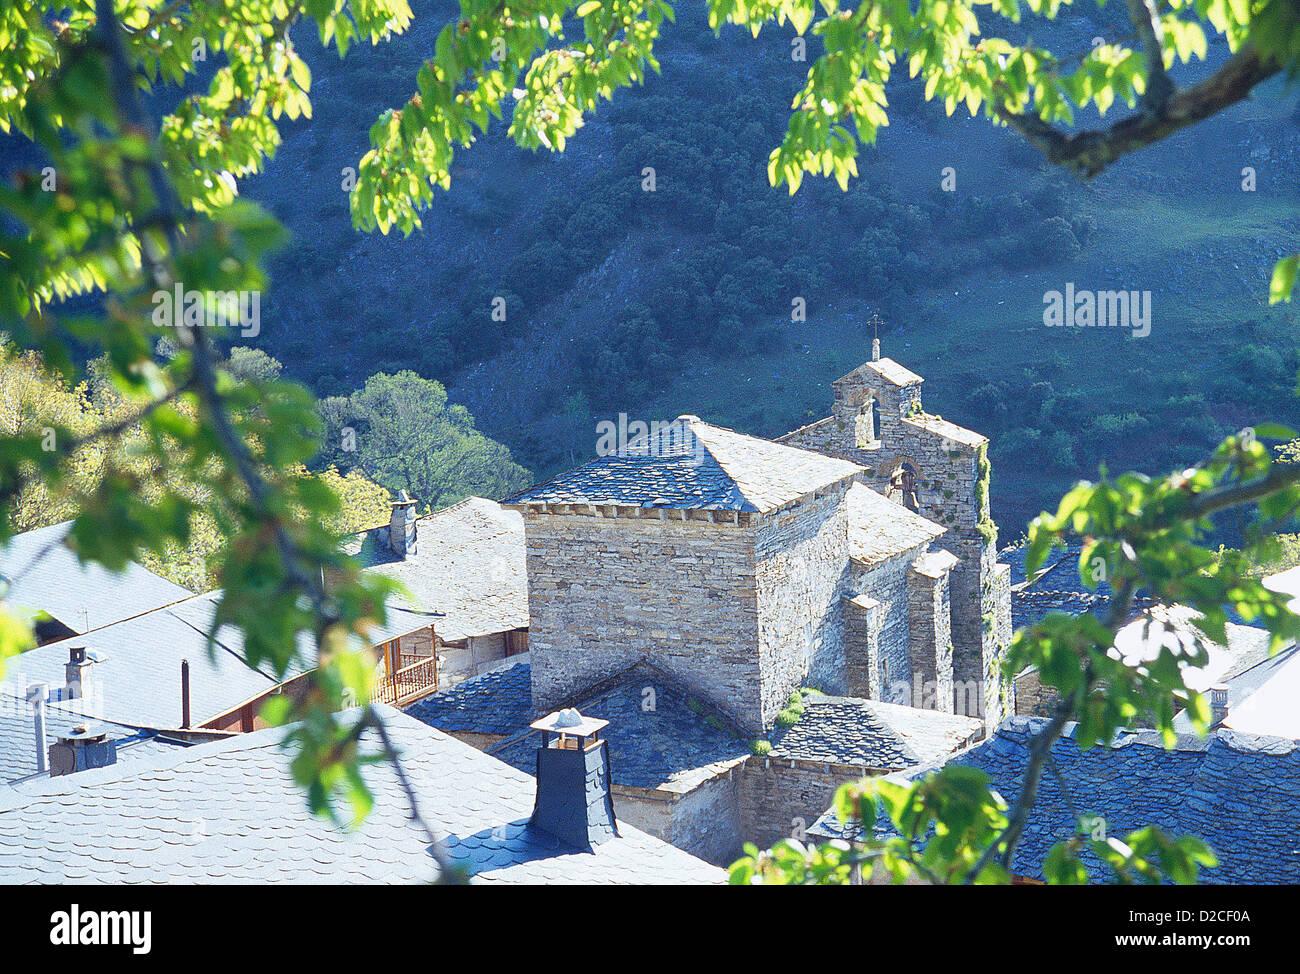 Peñalba de Santiago, Leon province, Castilla Leon, Spain. - Stock Image